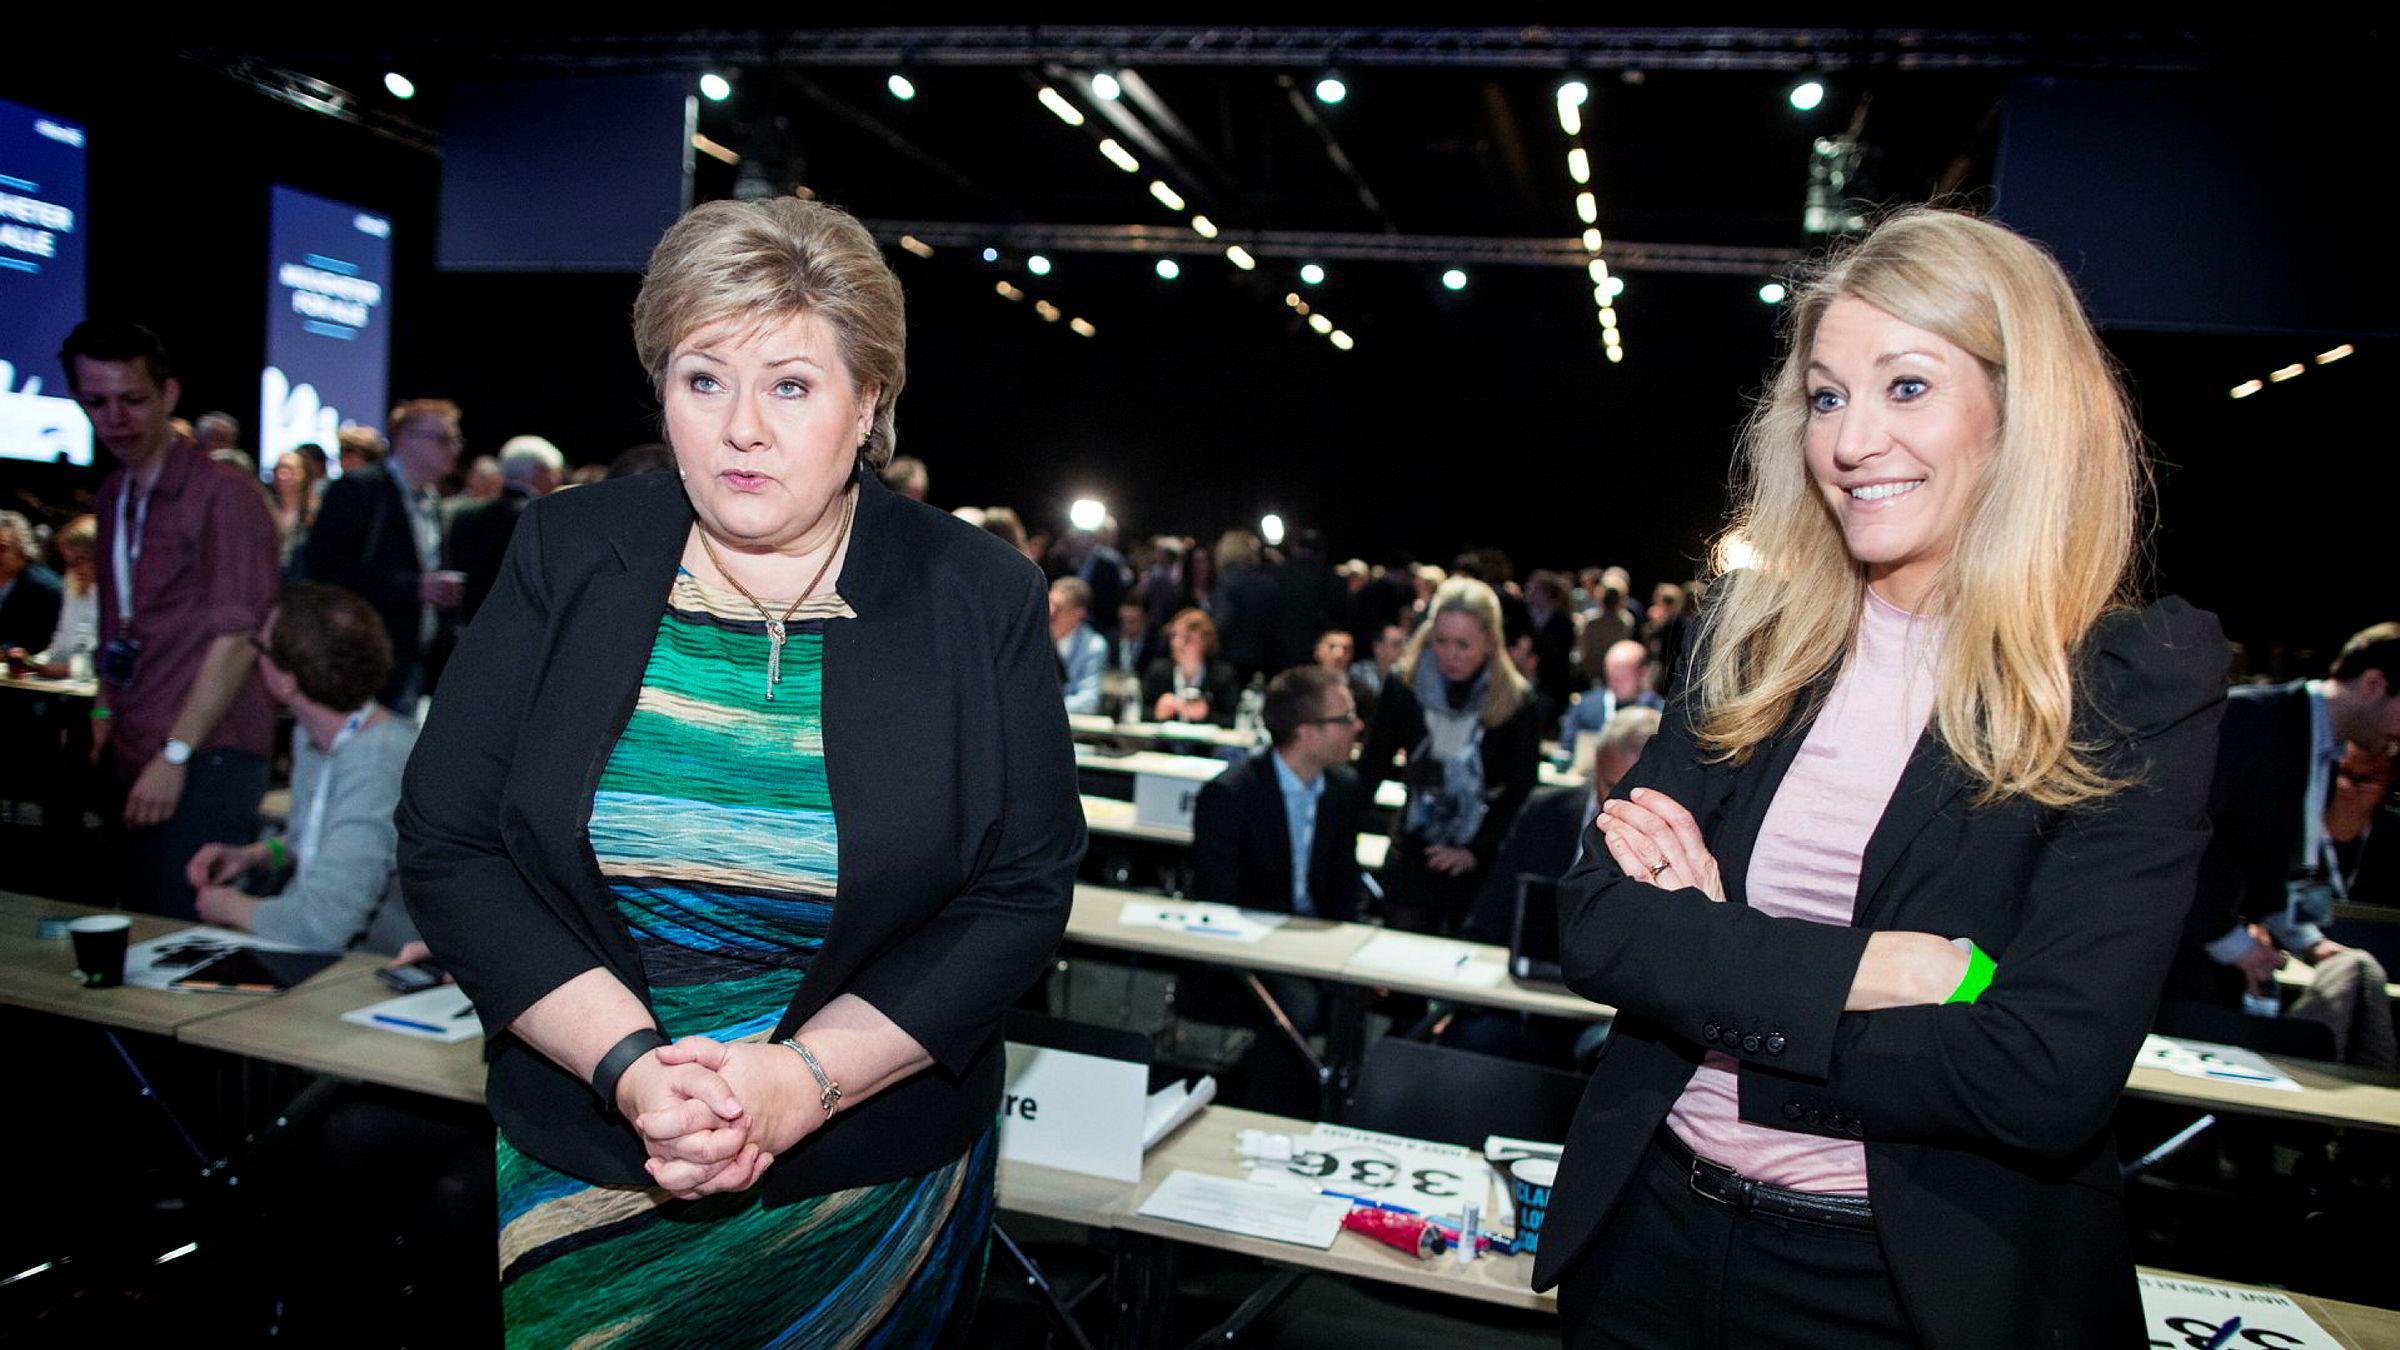 Statsminister Erna Solberg sammen med Julie Brodtkorb (t.h.), her fra 2016. Brodtkorb fungerte i mange år som statsministerens høyre hånd.